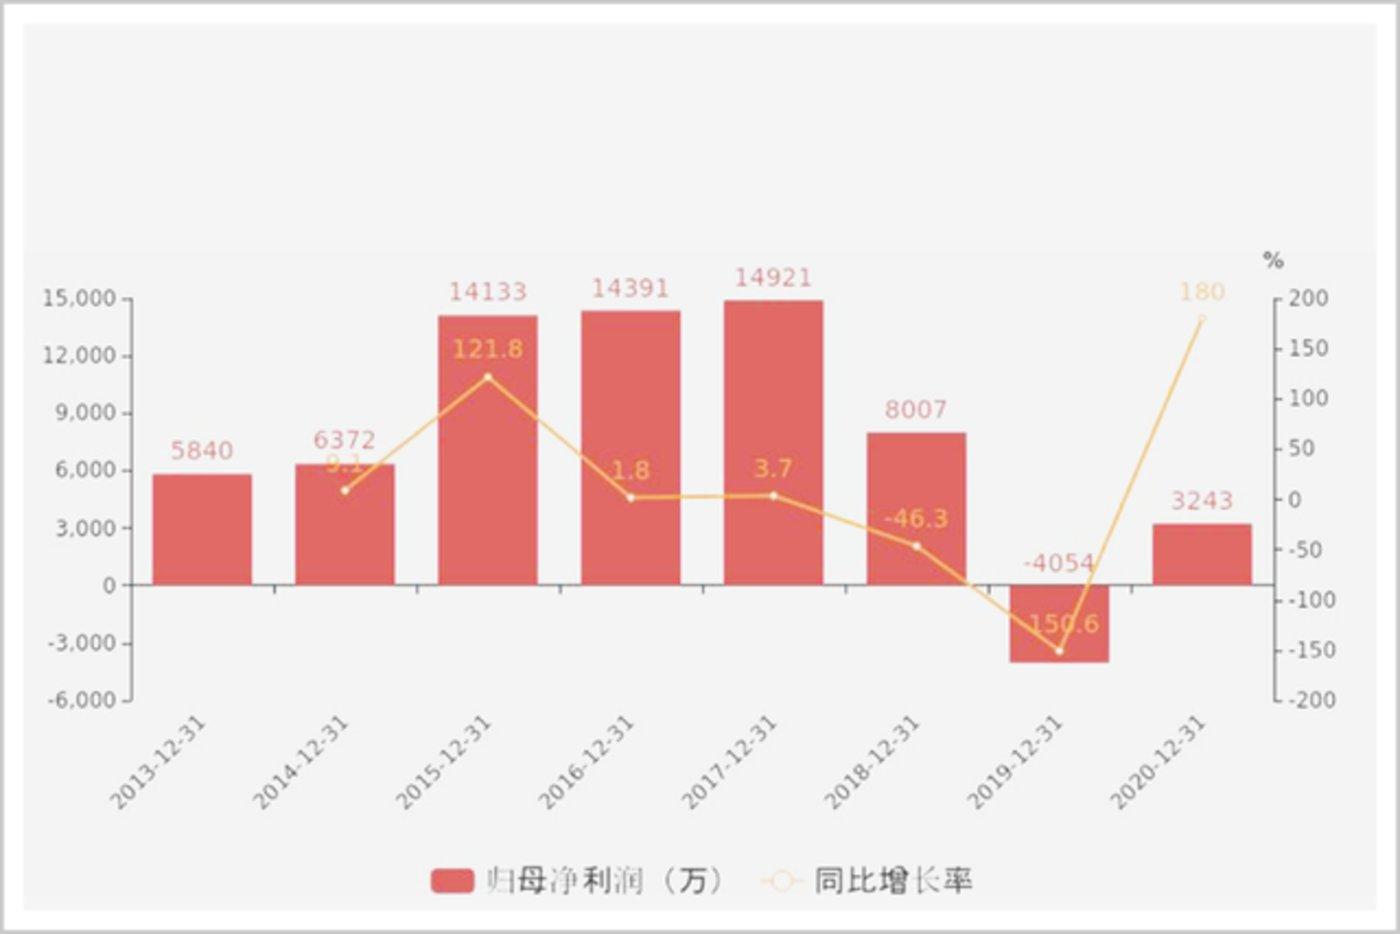 ▲2013-2020年恒银科技归母净利润 数据来源:东方财富网